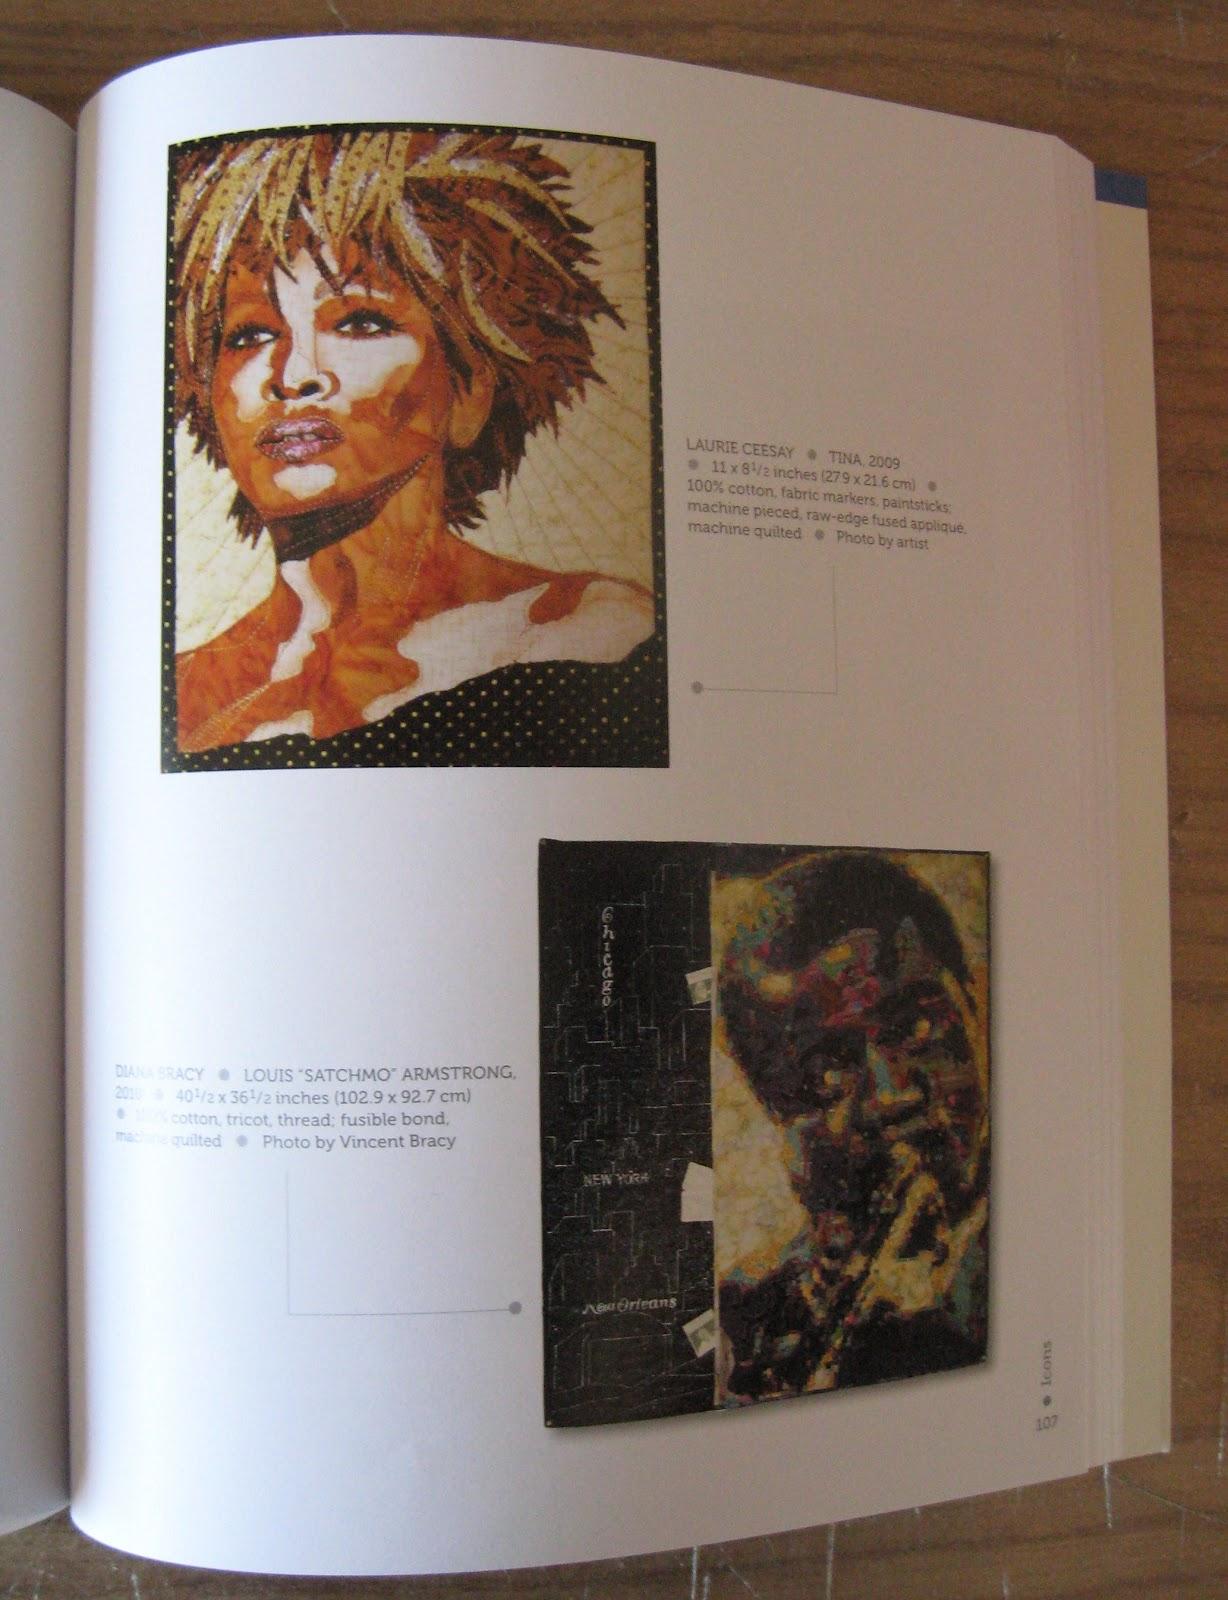 http://3.bp.blogspot.com/-3QfxpZAROlo/UVMop1fzmQI/AAAAAAAAAuM/-Z-1-oPPI4s/s1600/art+quilt+book+003.JPG